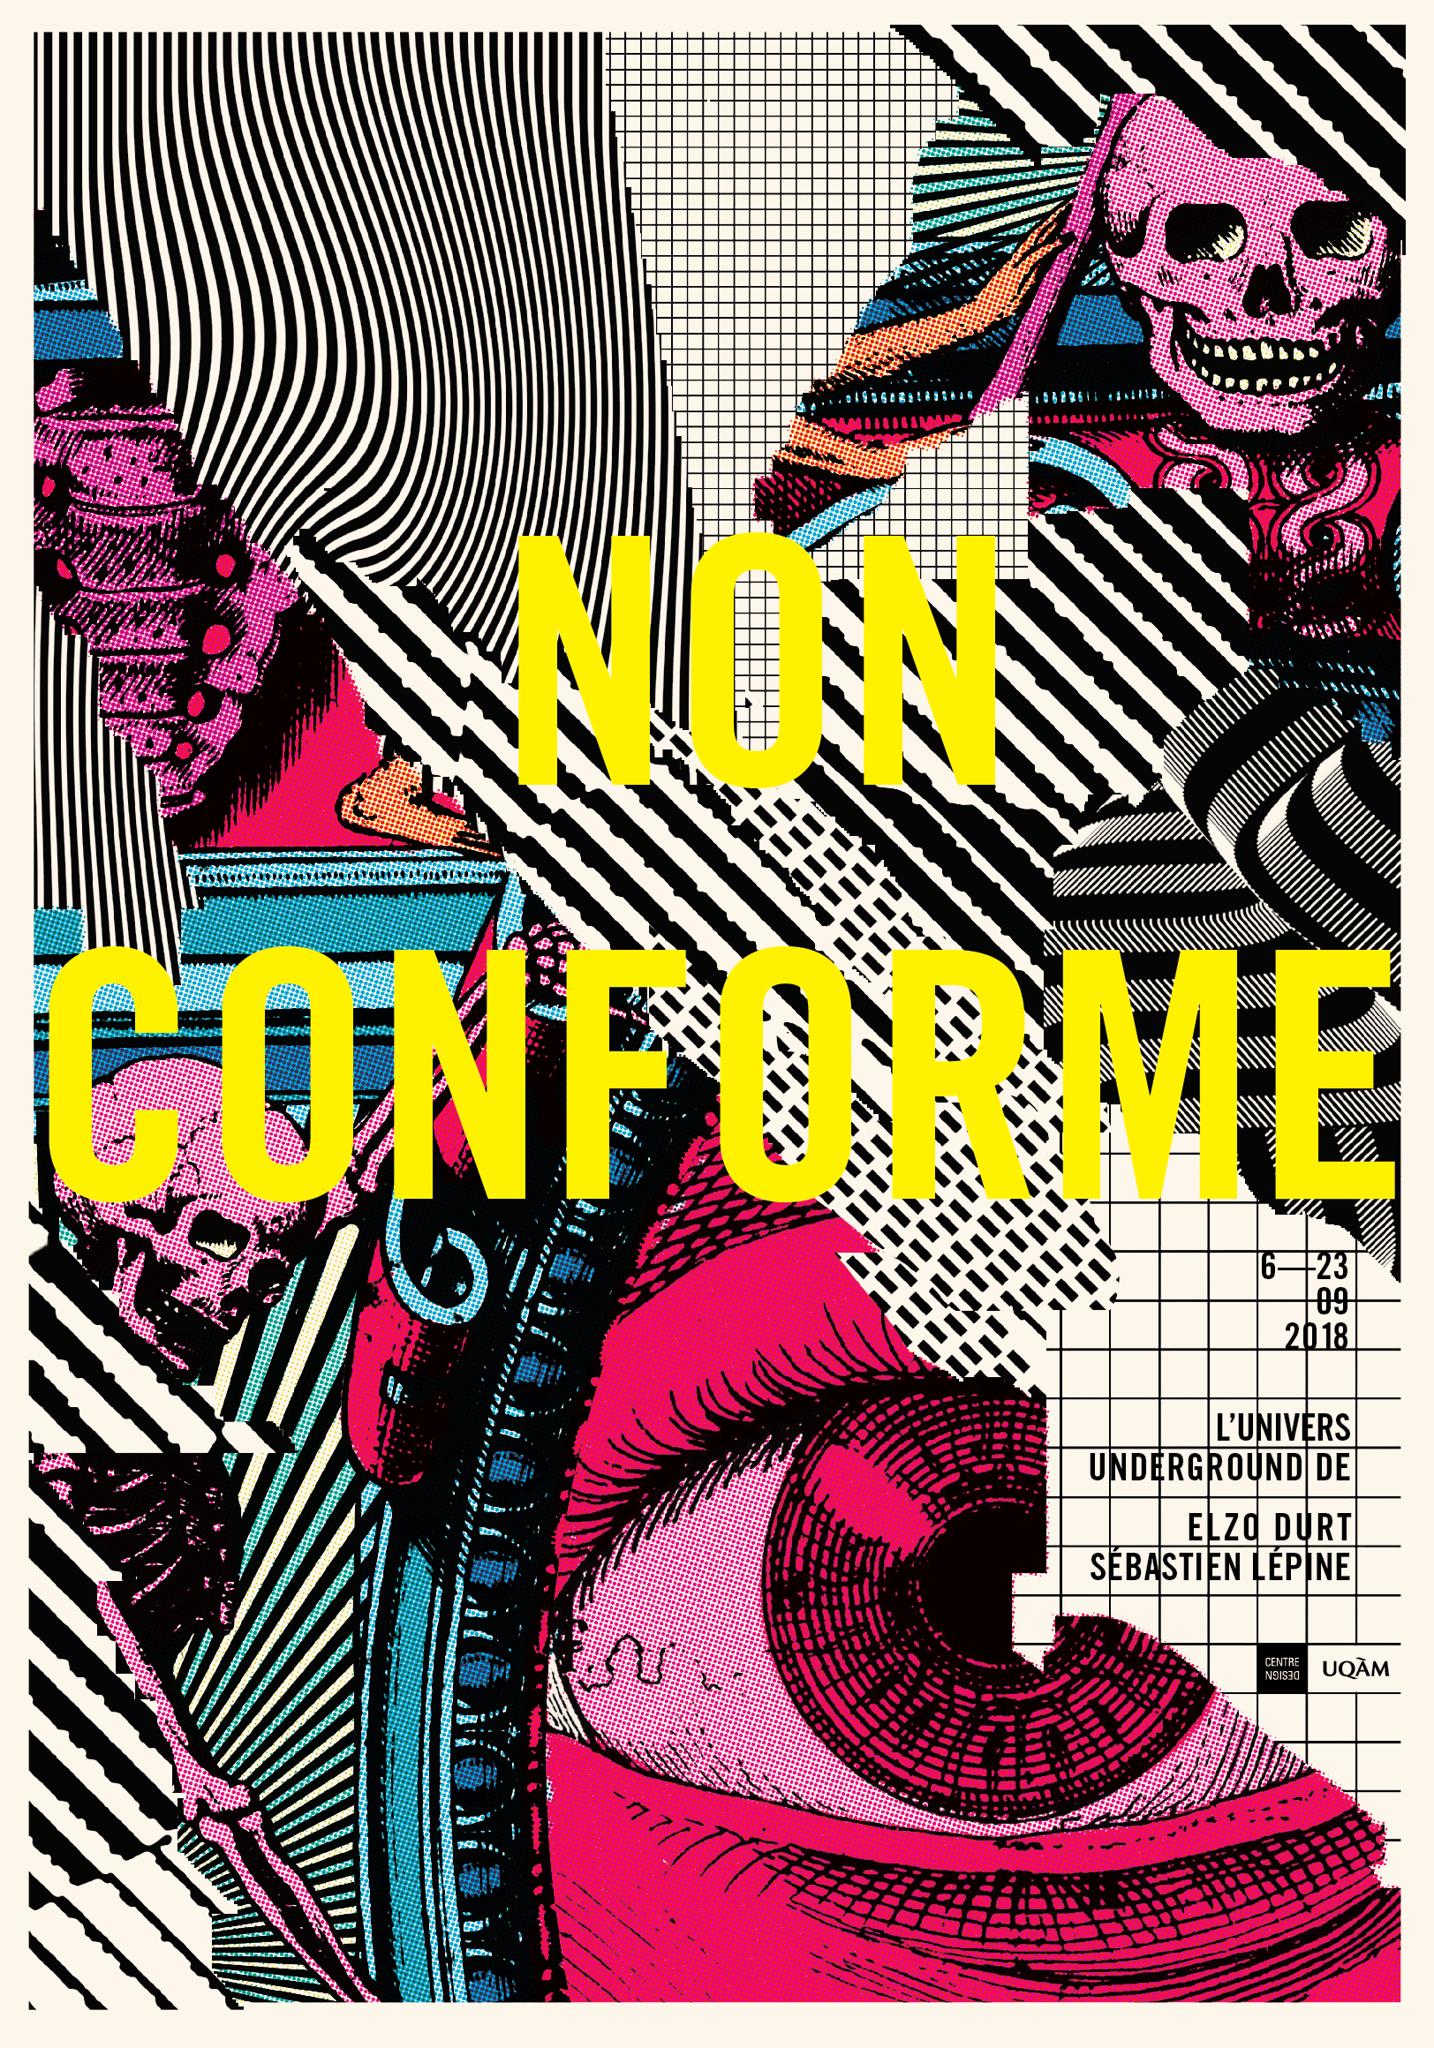 2018 - Exposition - Non Conforme L'univers underground de Elzo Durt et Sébastien Lépine ©Elzo Durt et Sébastien Lépine